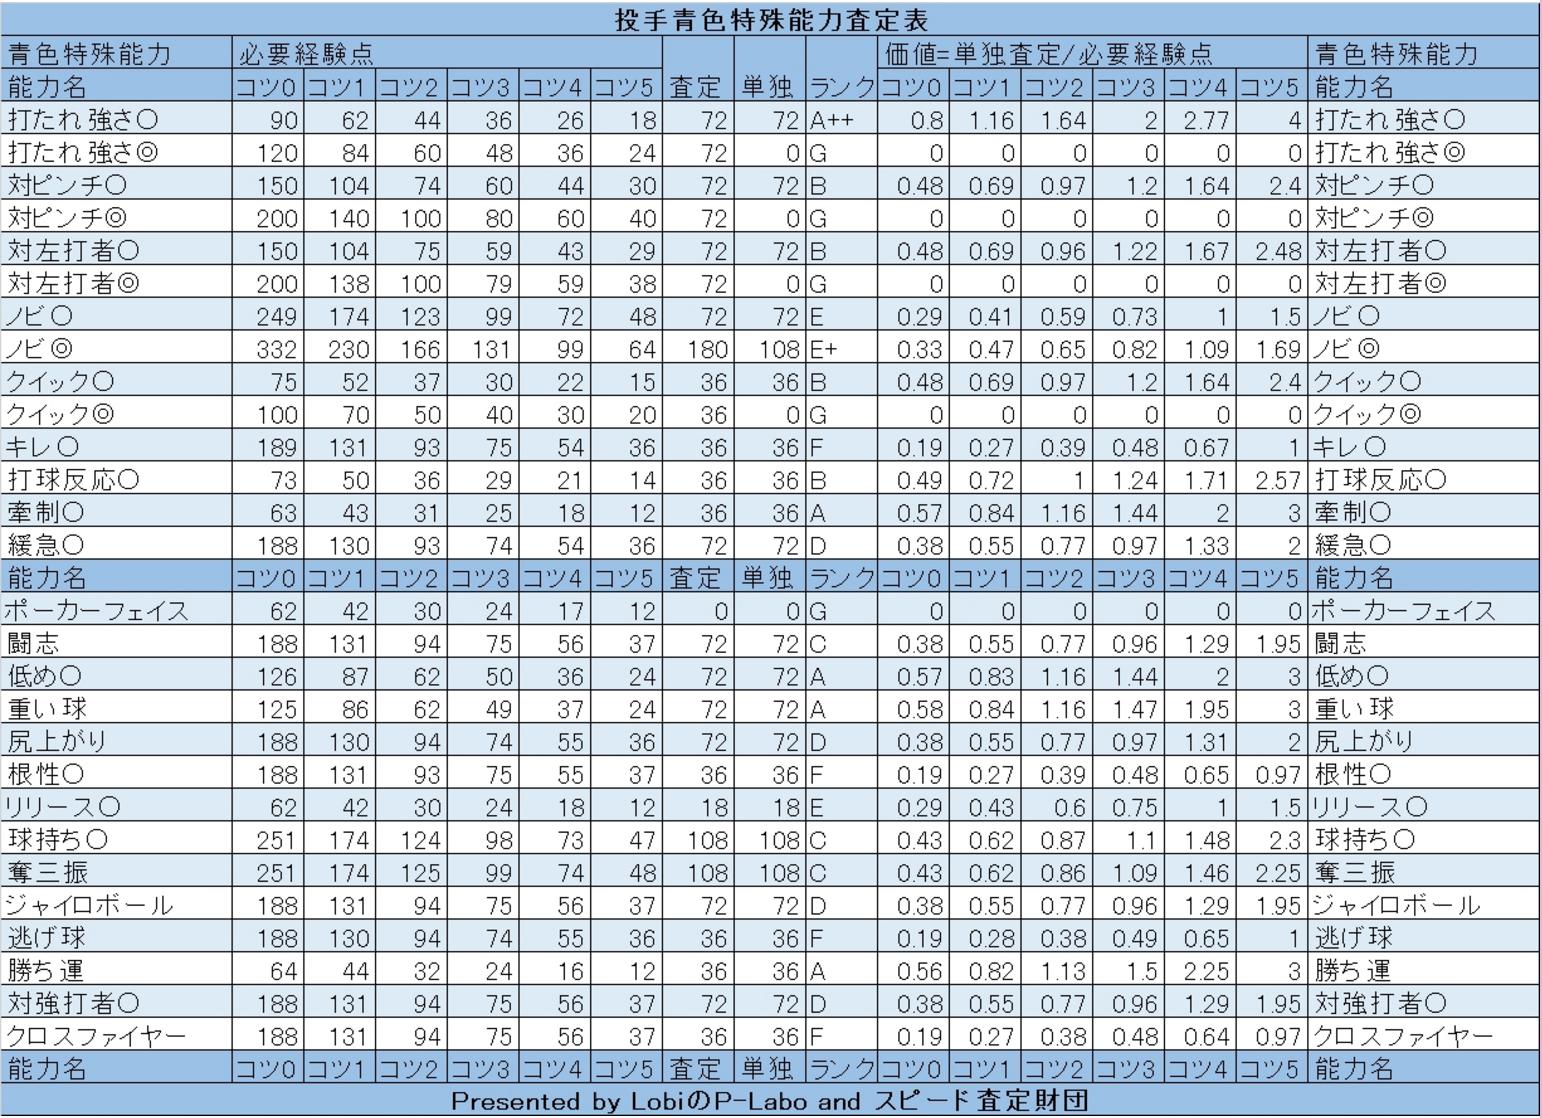 パワプロ_投手査定表_青特殊能力